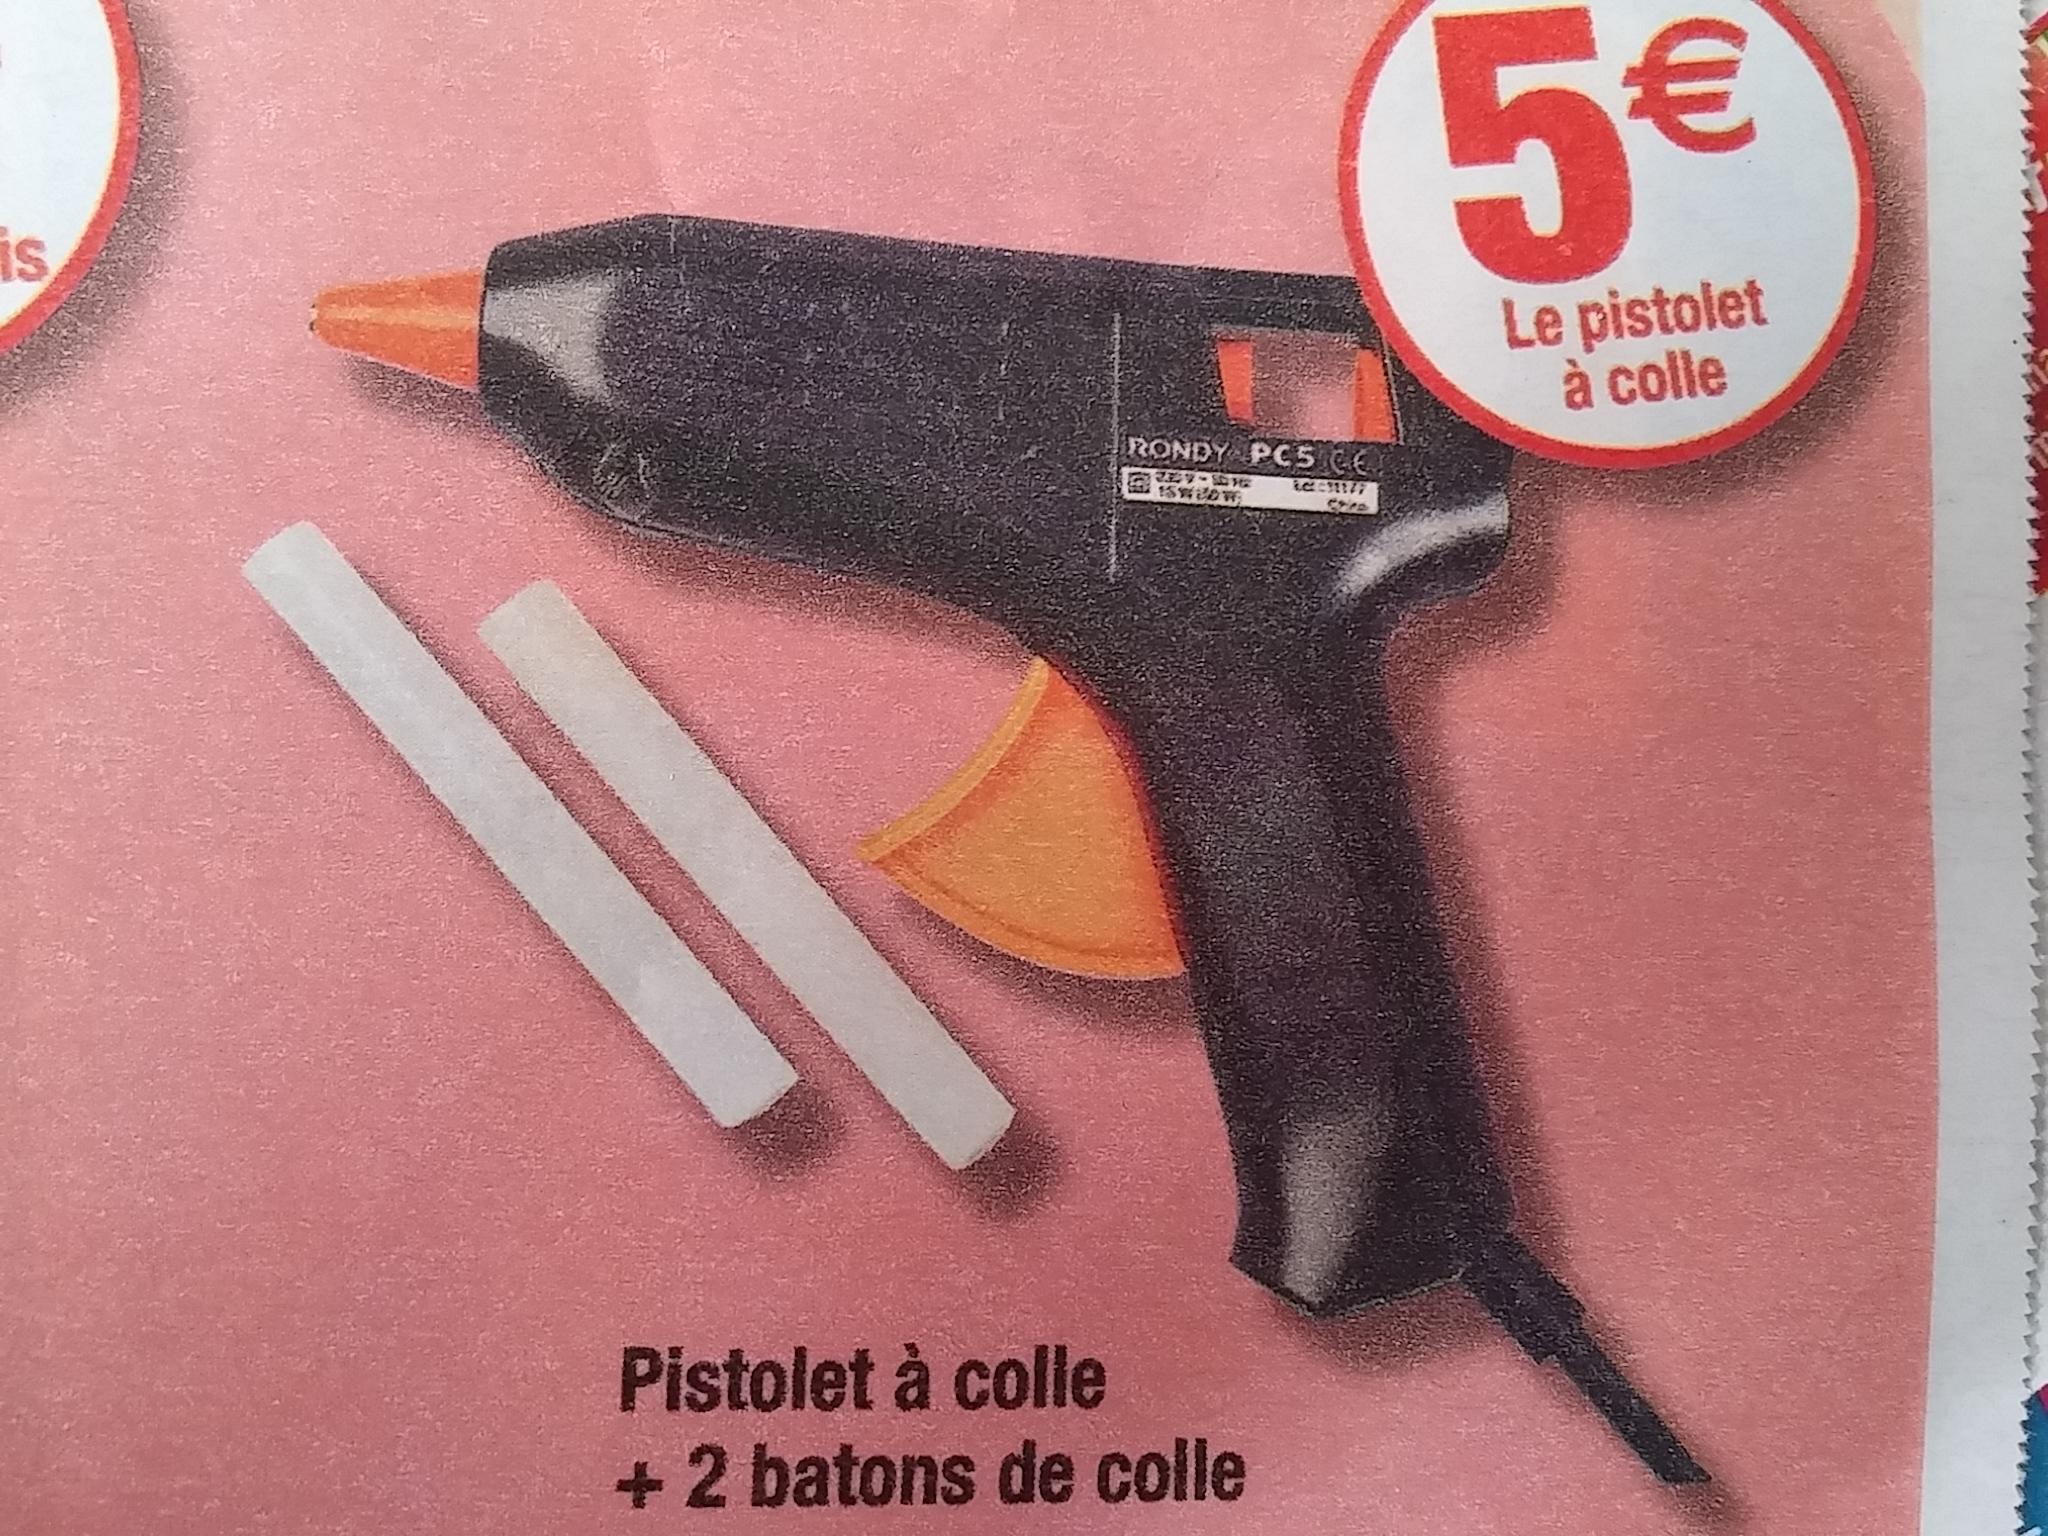 Pistolet à colle + 2 batons de colle